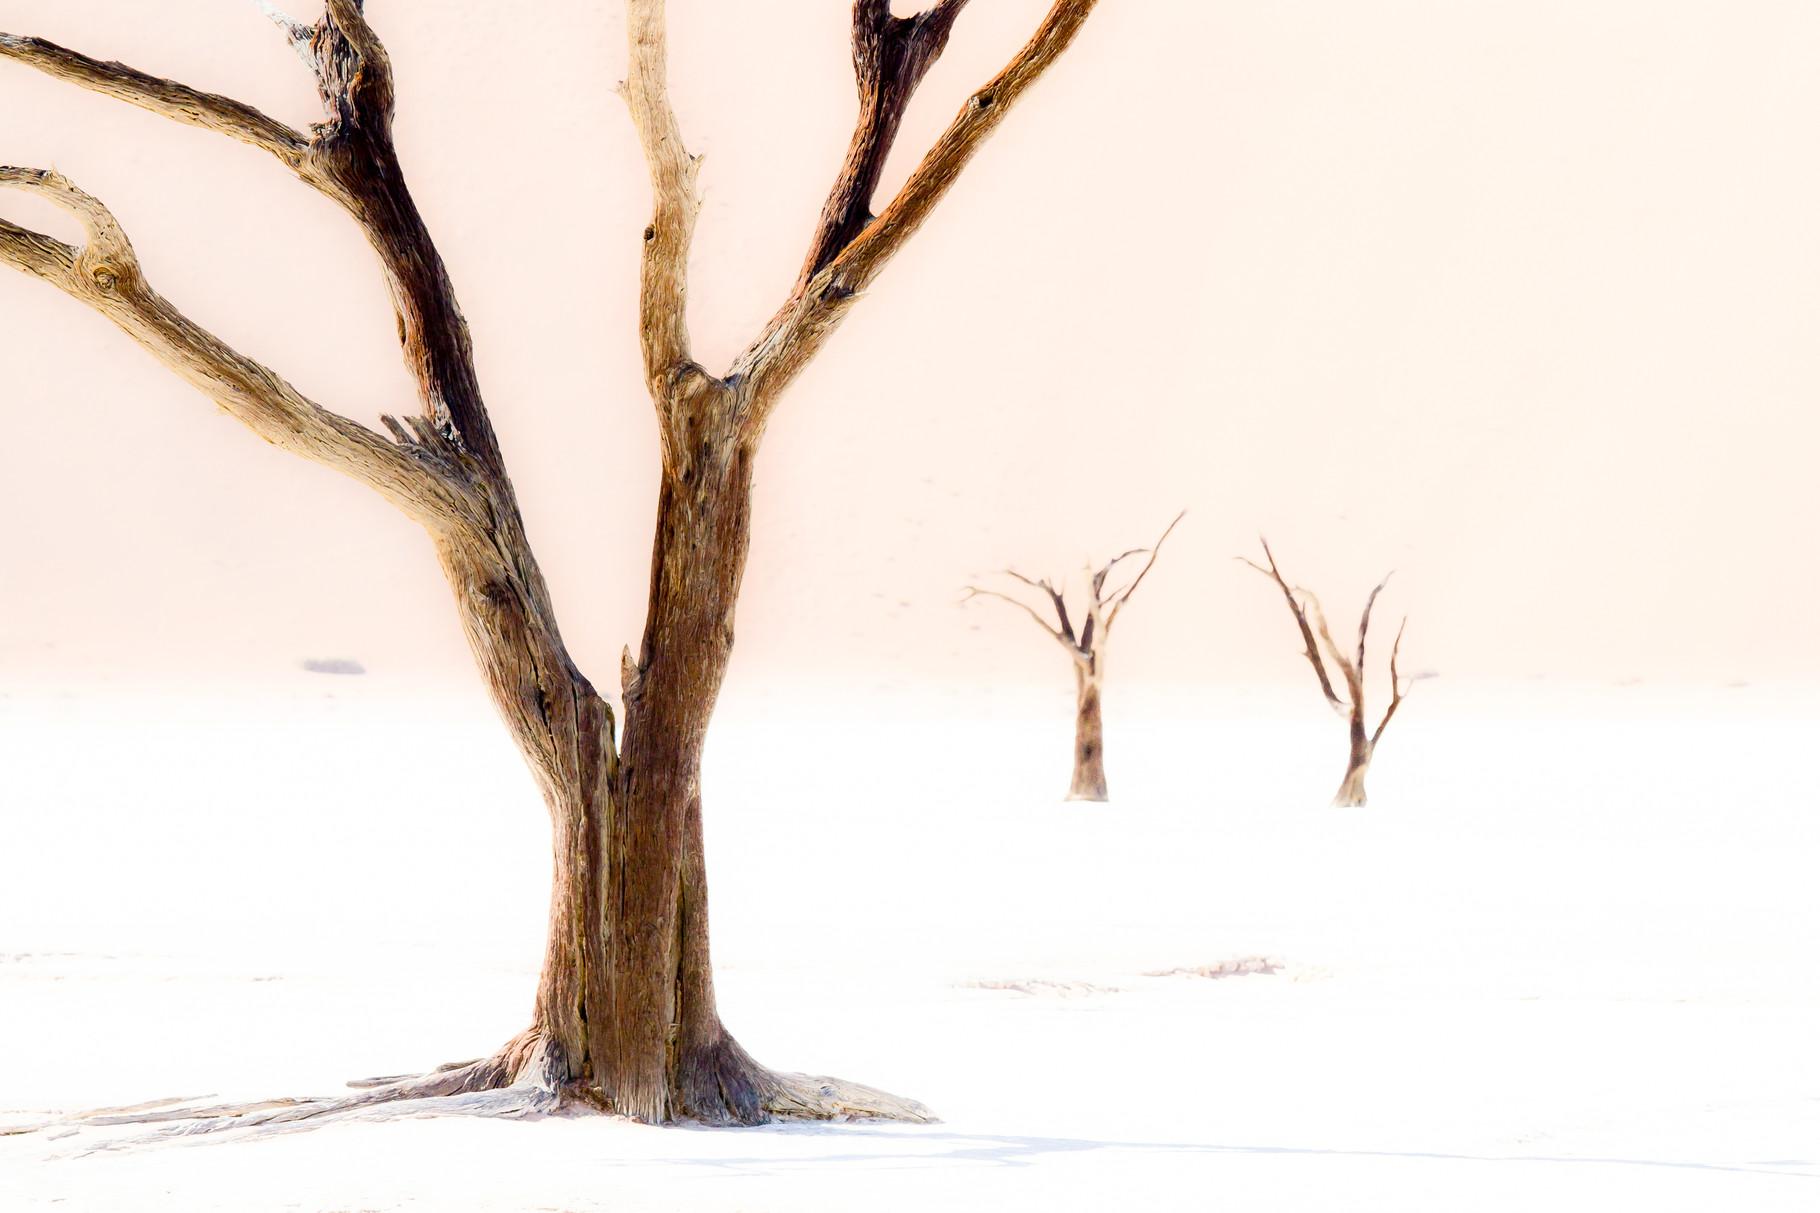 Wüstenlicht - Namibia